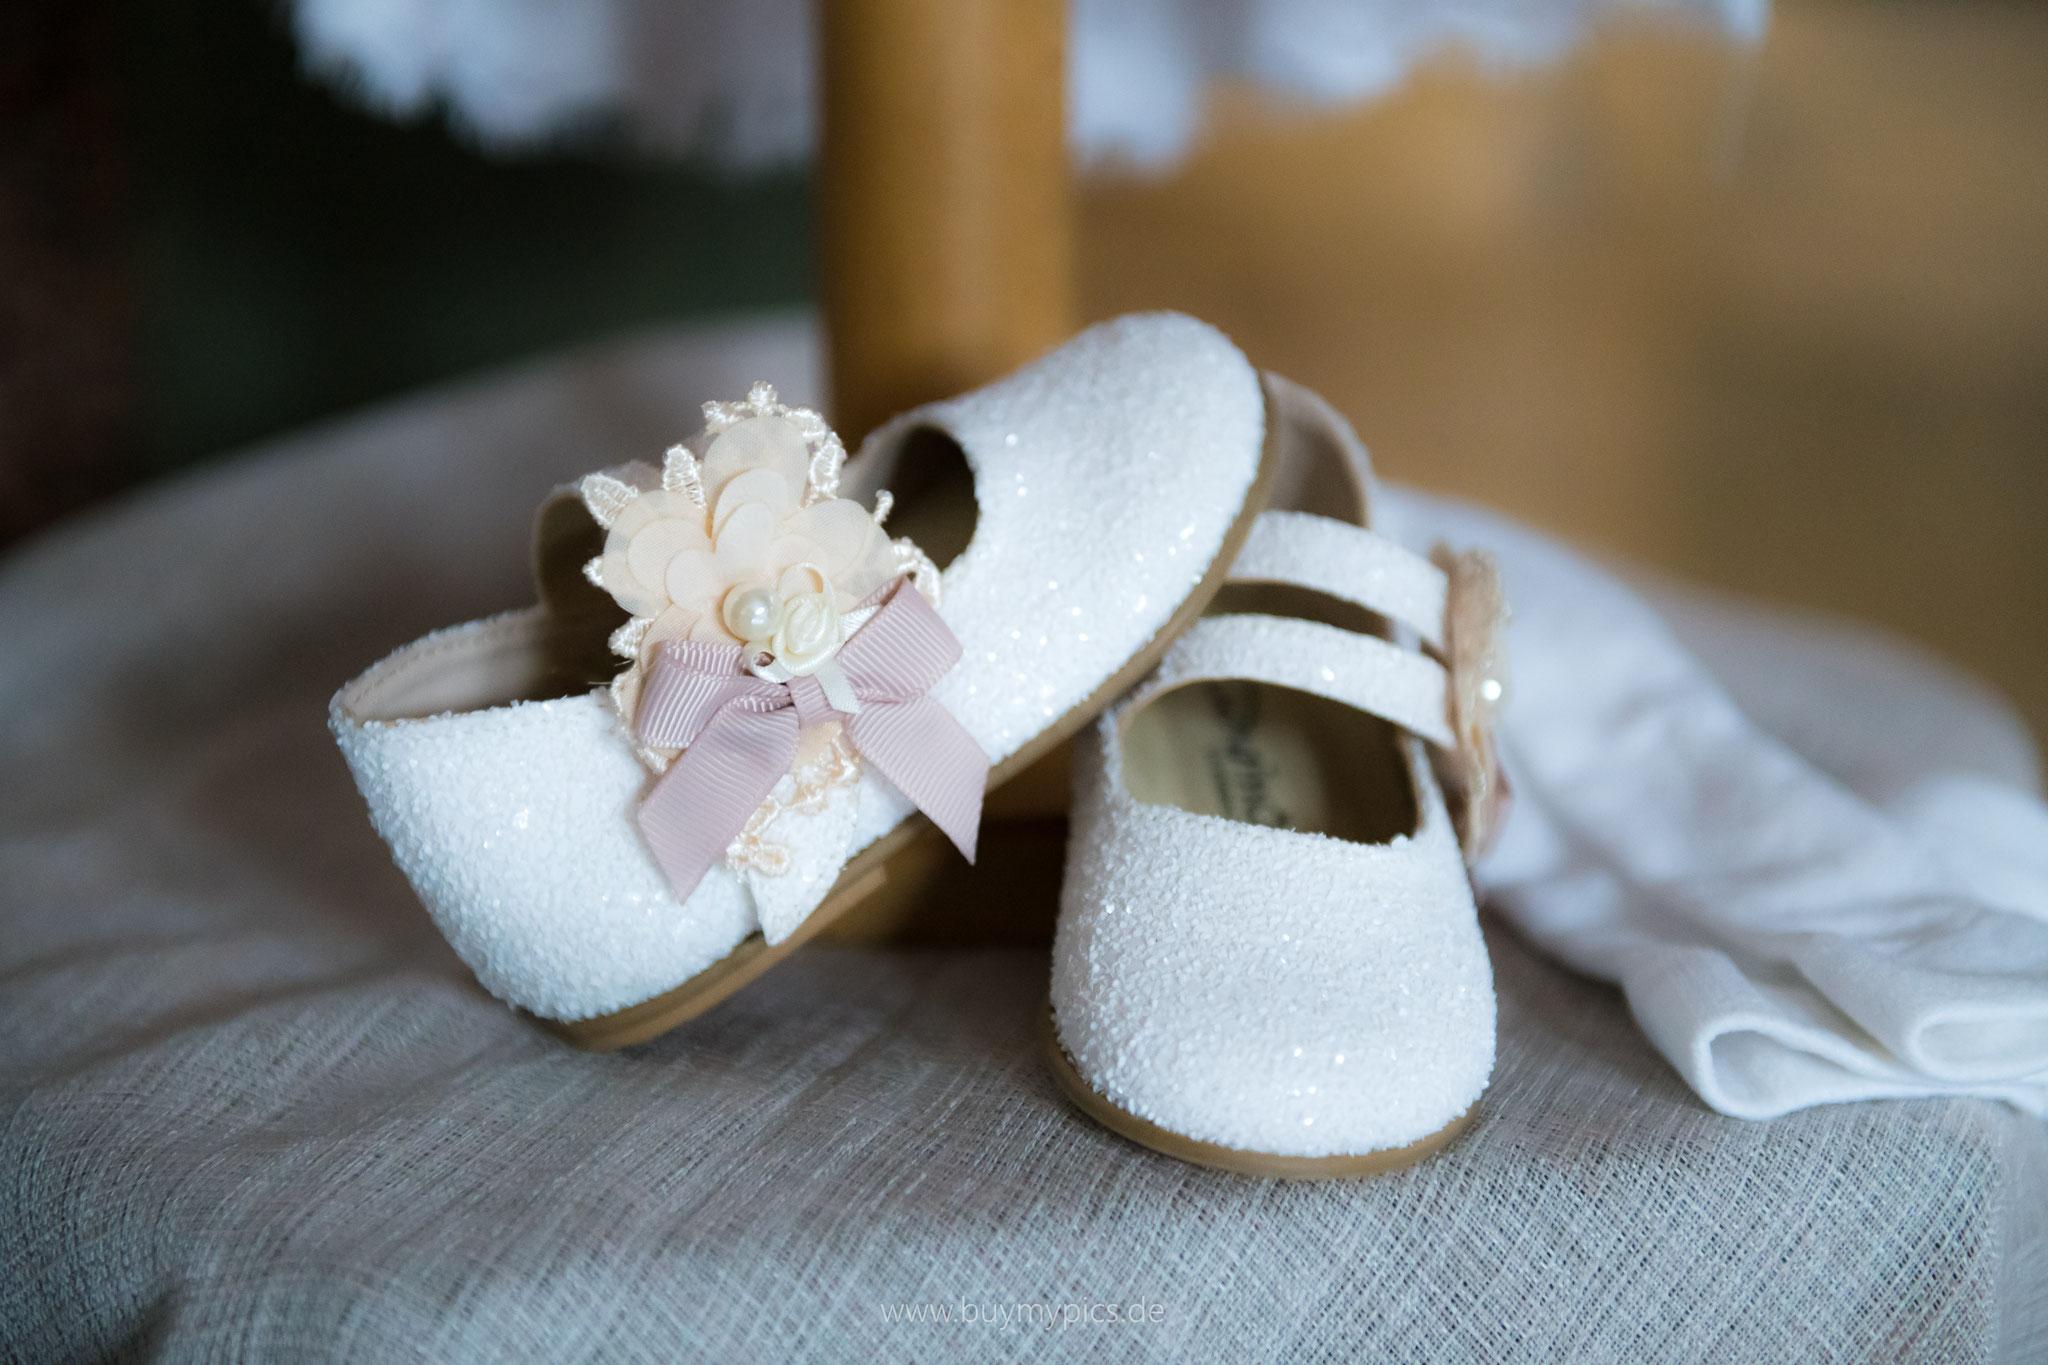 Weiße Schuhe für das getaufte Kind als Zeichen der Unschuld